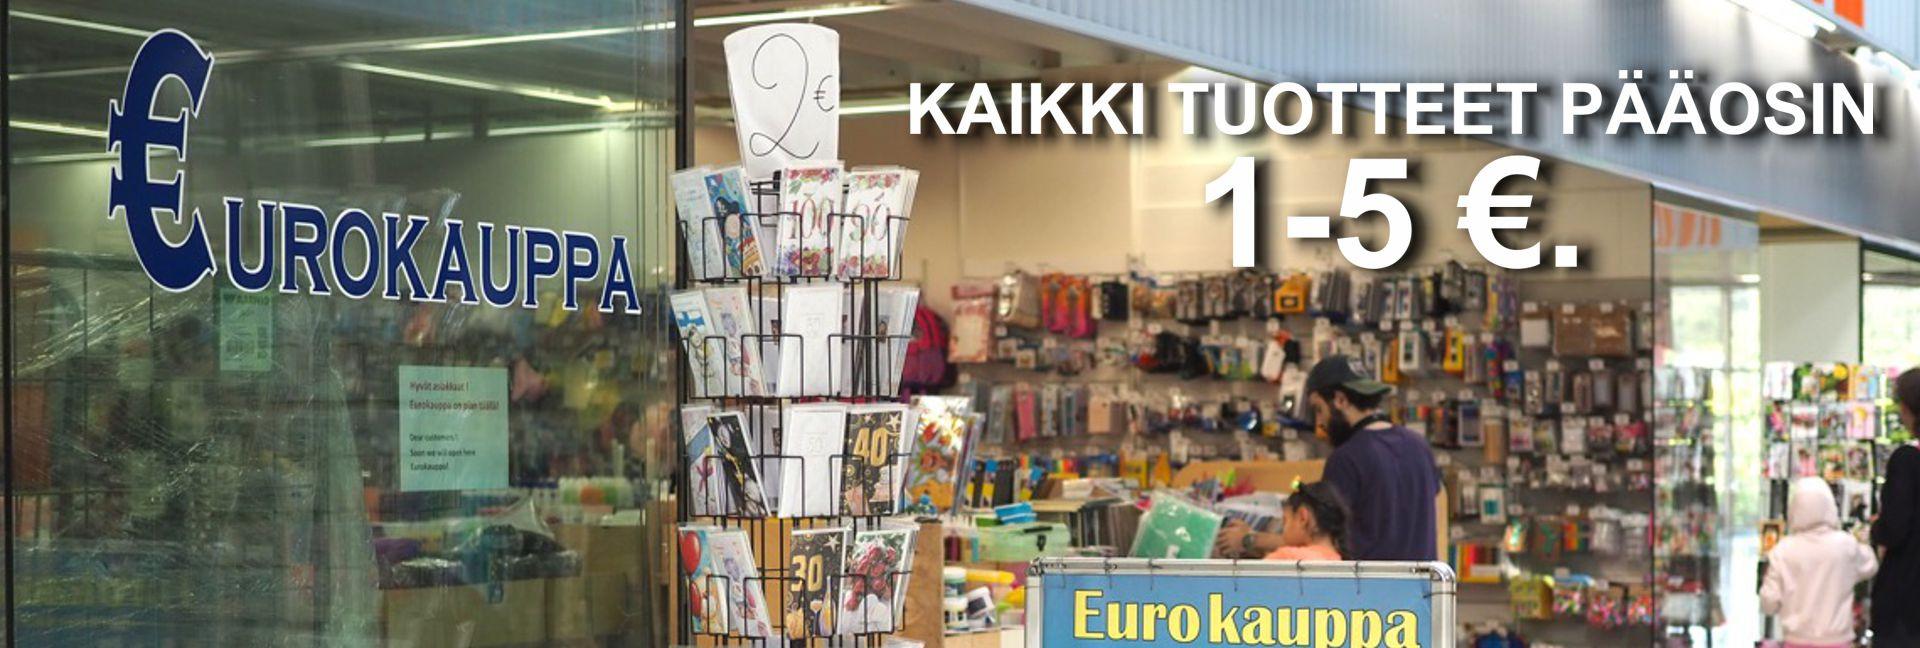 Eurokauppa- Edulliset hinnat